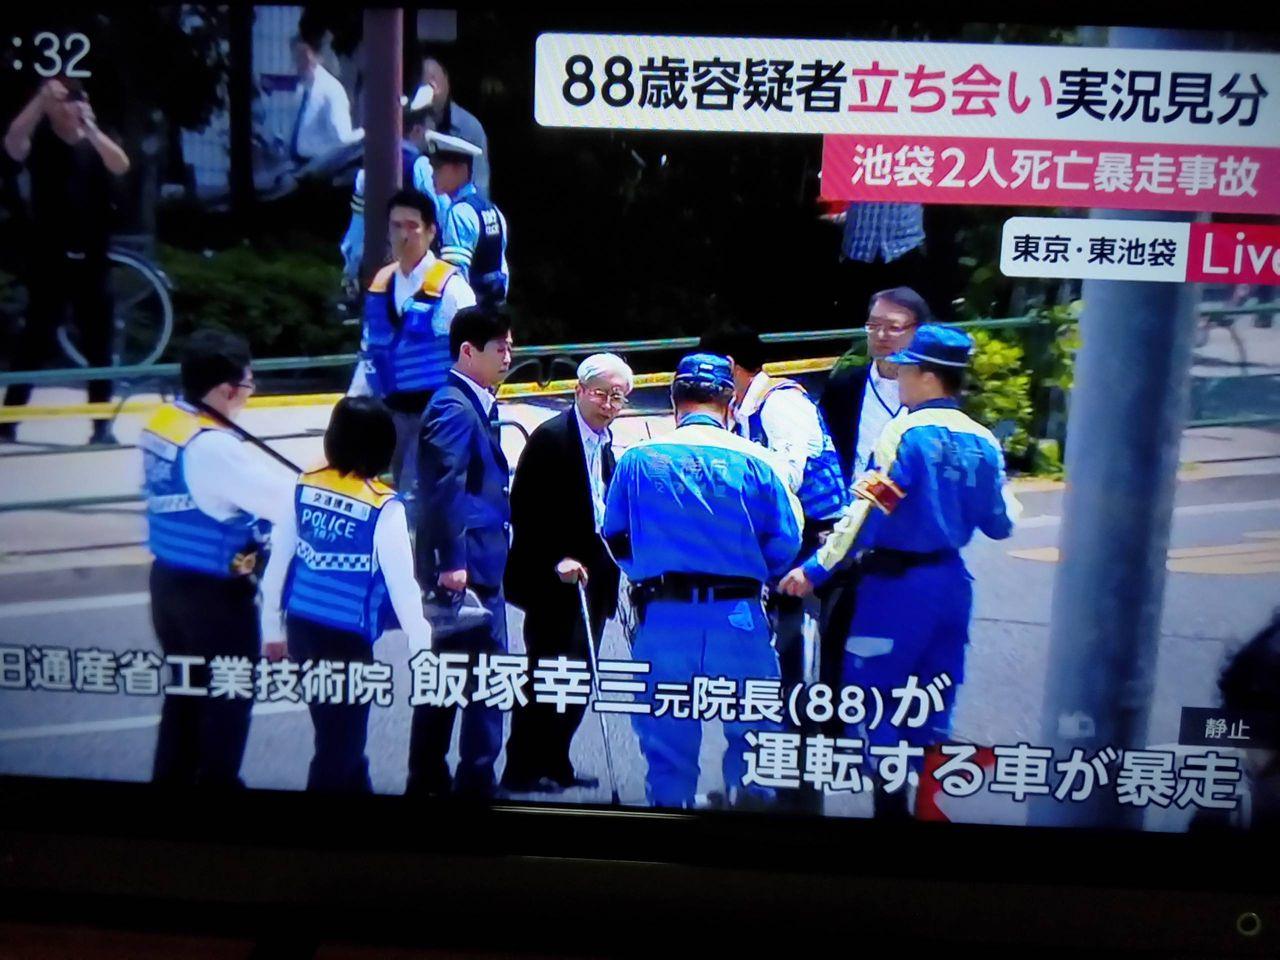 捜査員「おい飯塚よく見ろこれがお前が犯した事故の結果だ」飯塚「すまない!」池袋実況見聞 #車カス